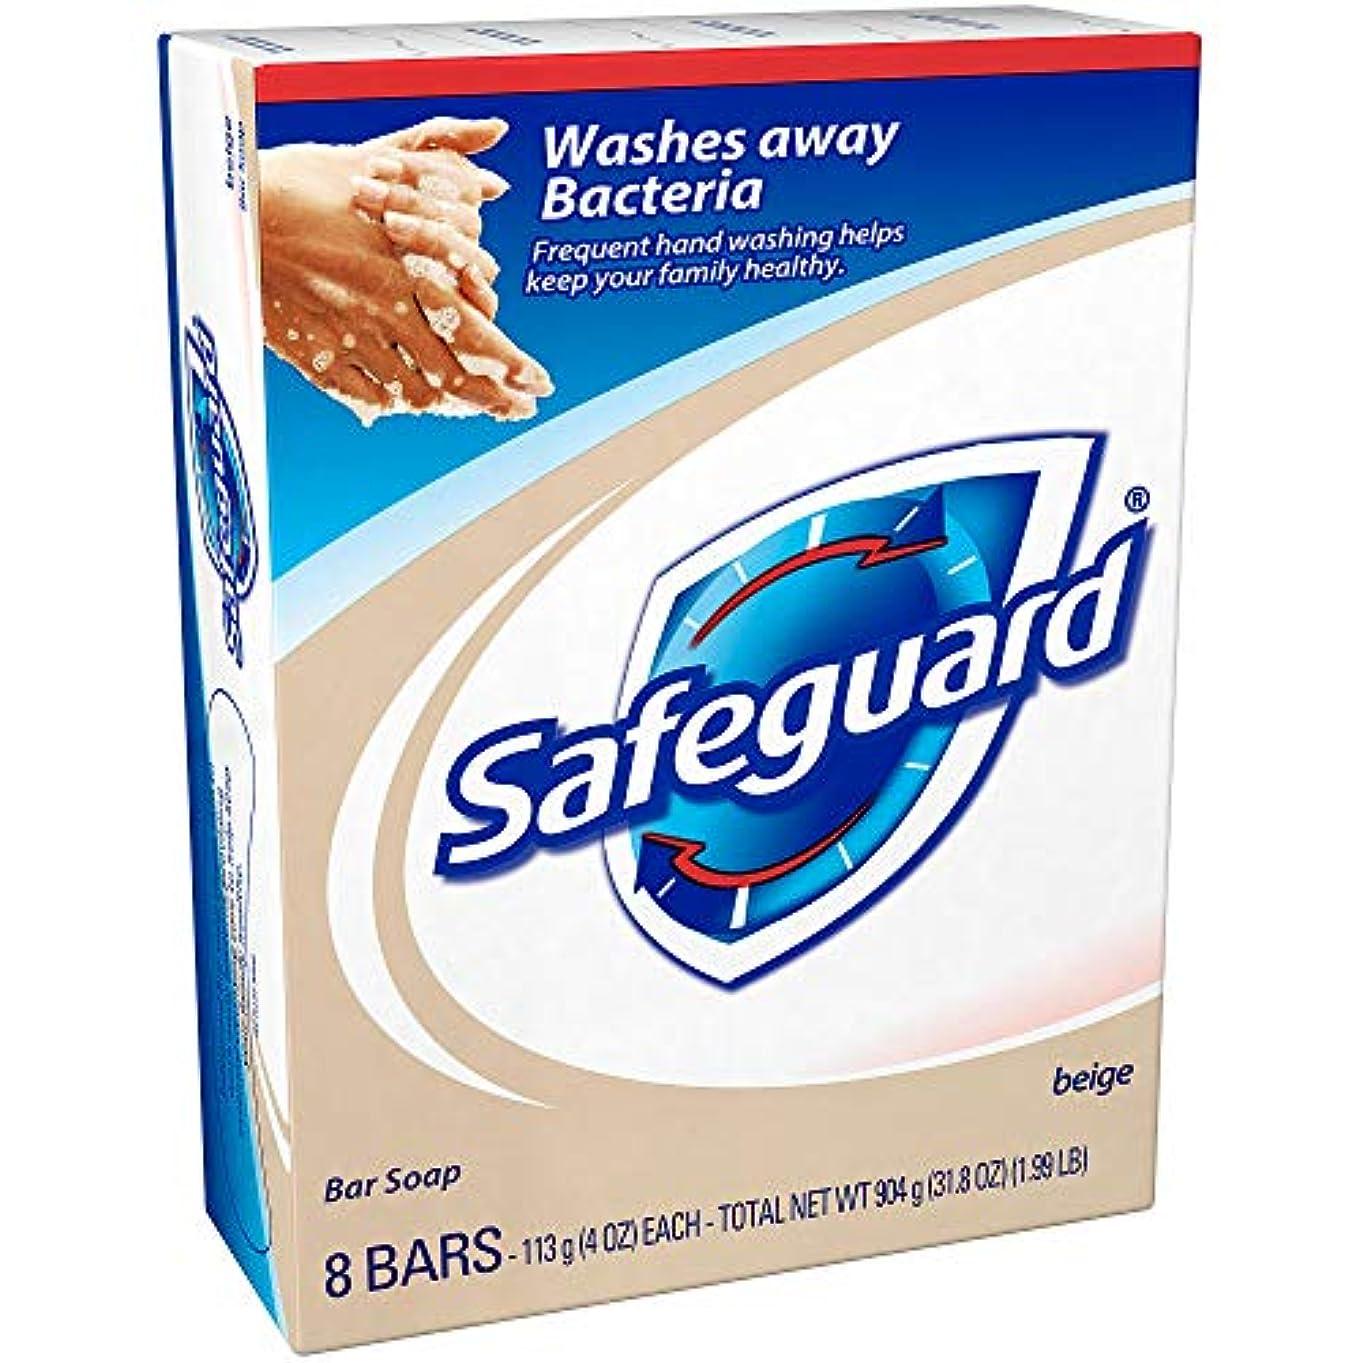 取る十代の若者たち悪党Safeguard 抗菌消臭石鹸、4つのオズバー、8 Eaは(4パック)